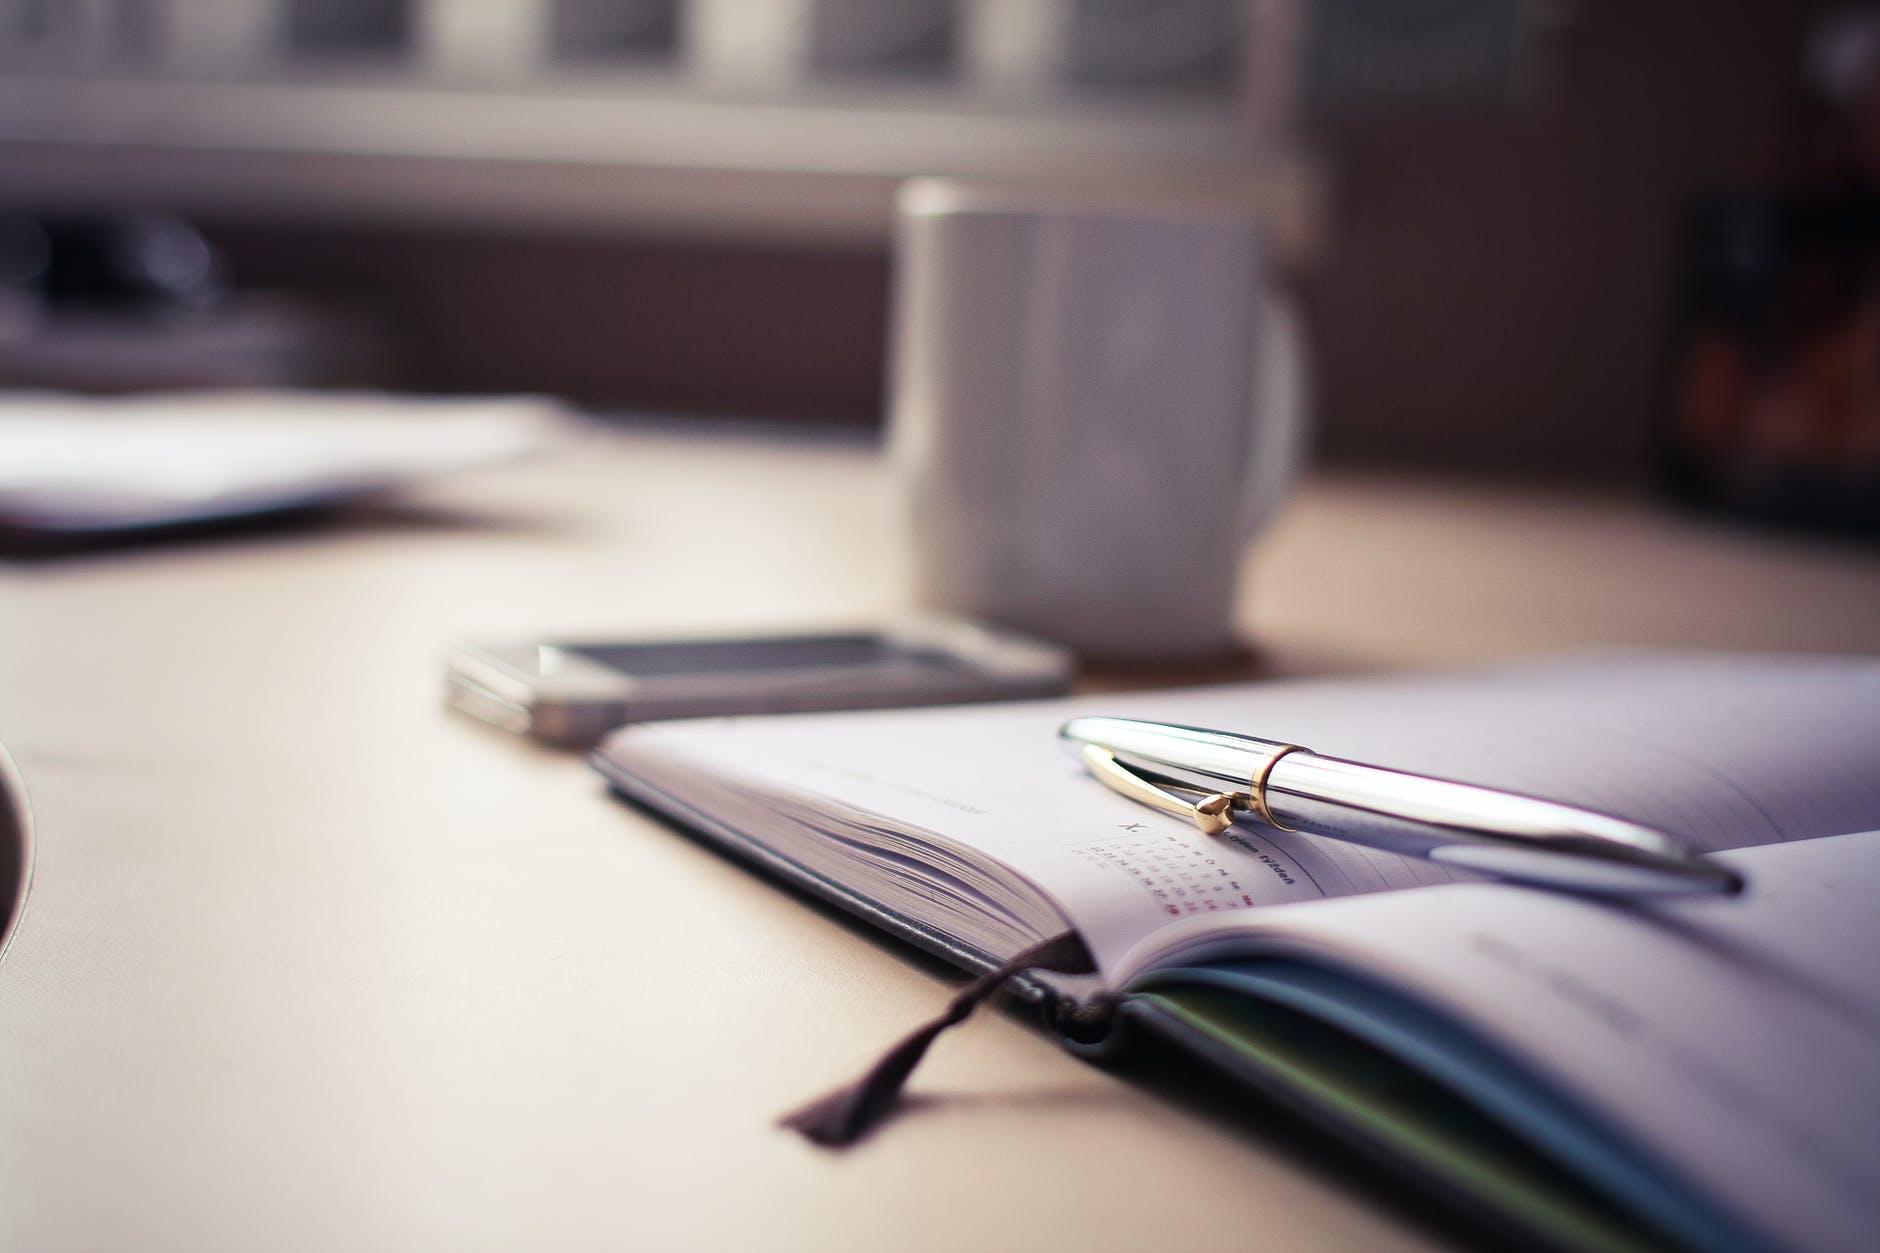 Desk Calendar for WordPress November 2020 post